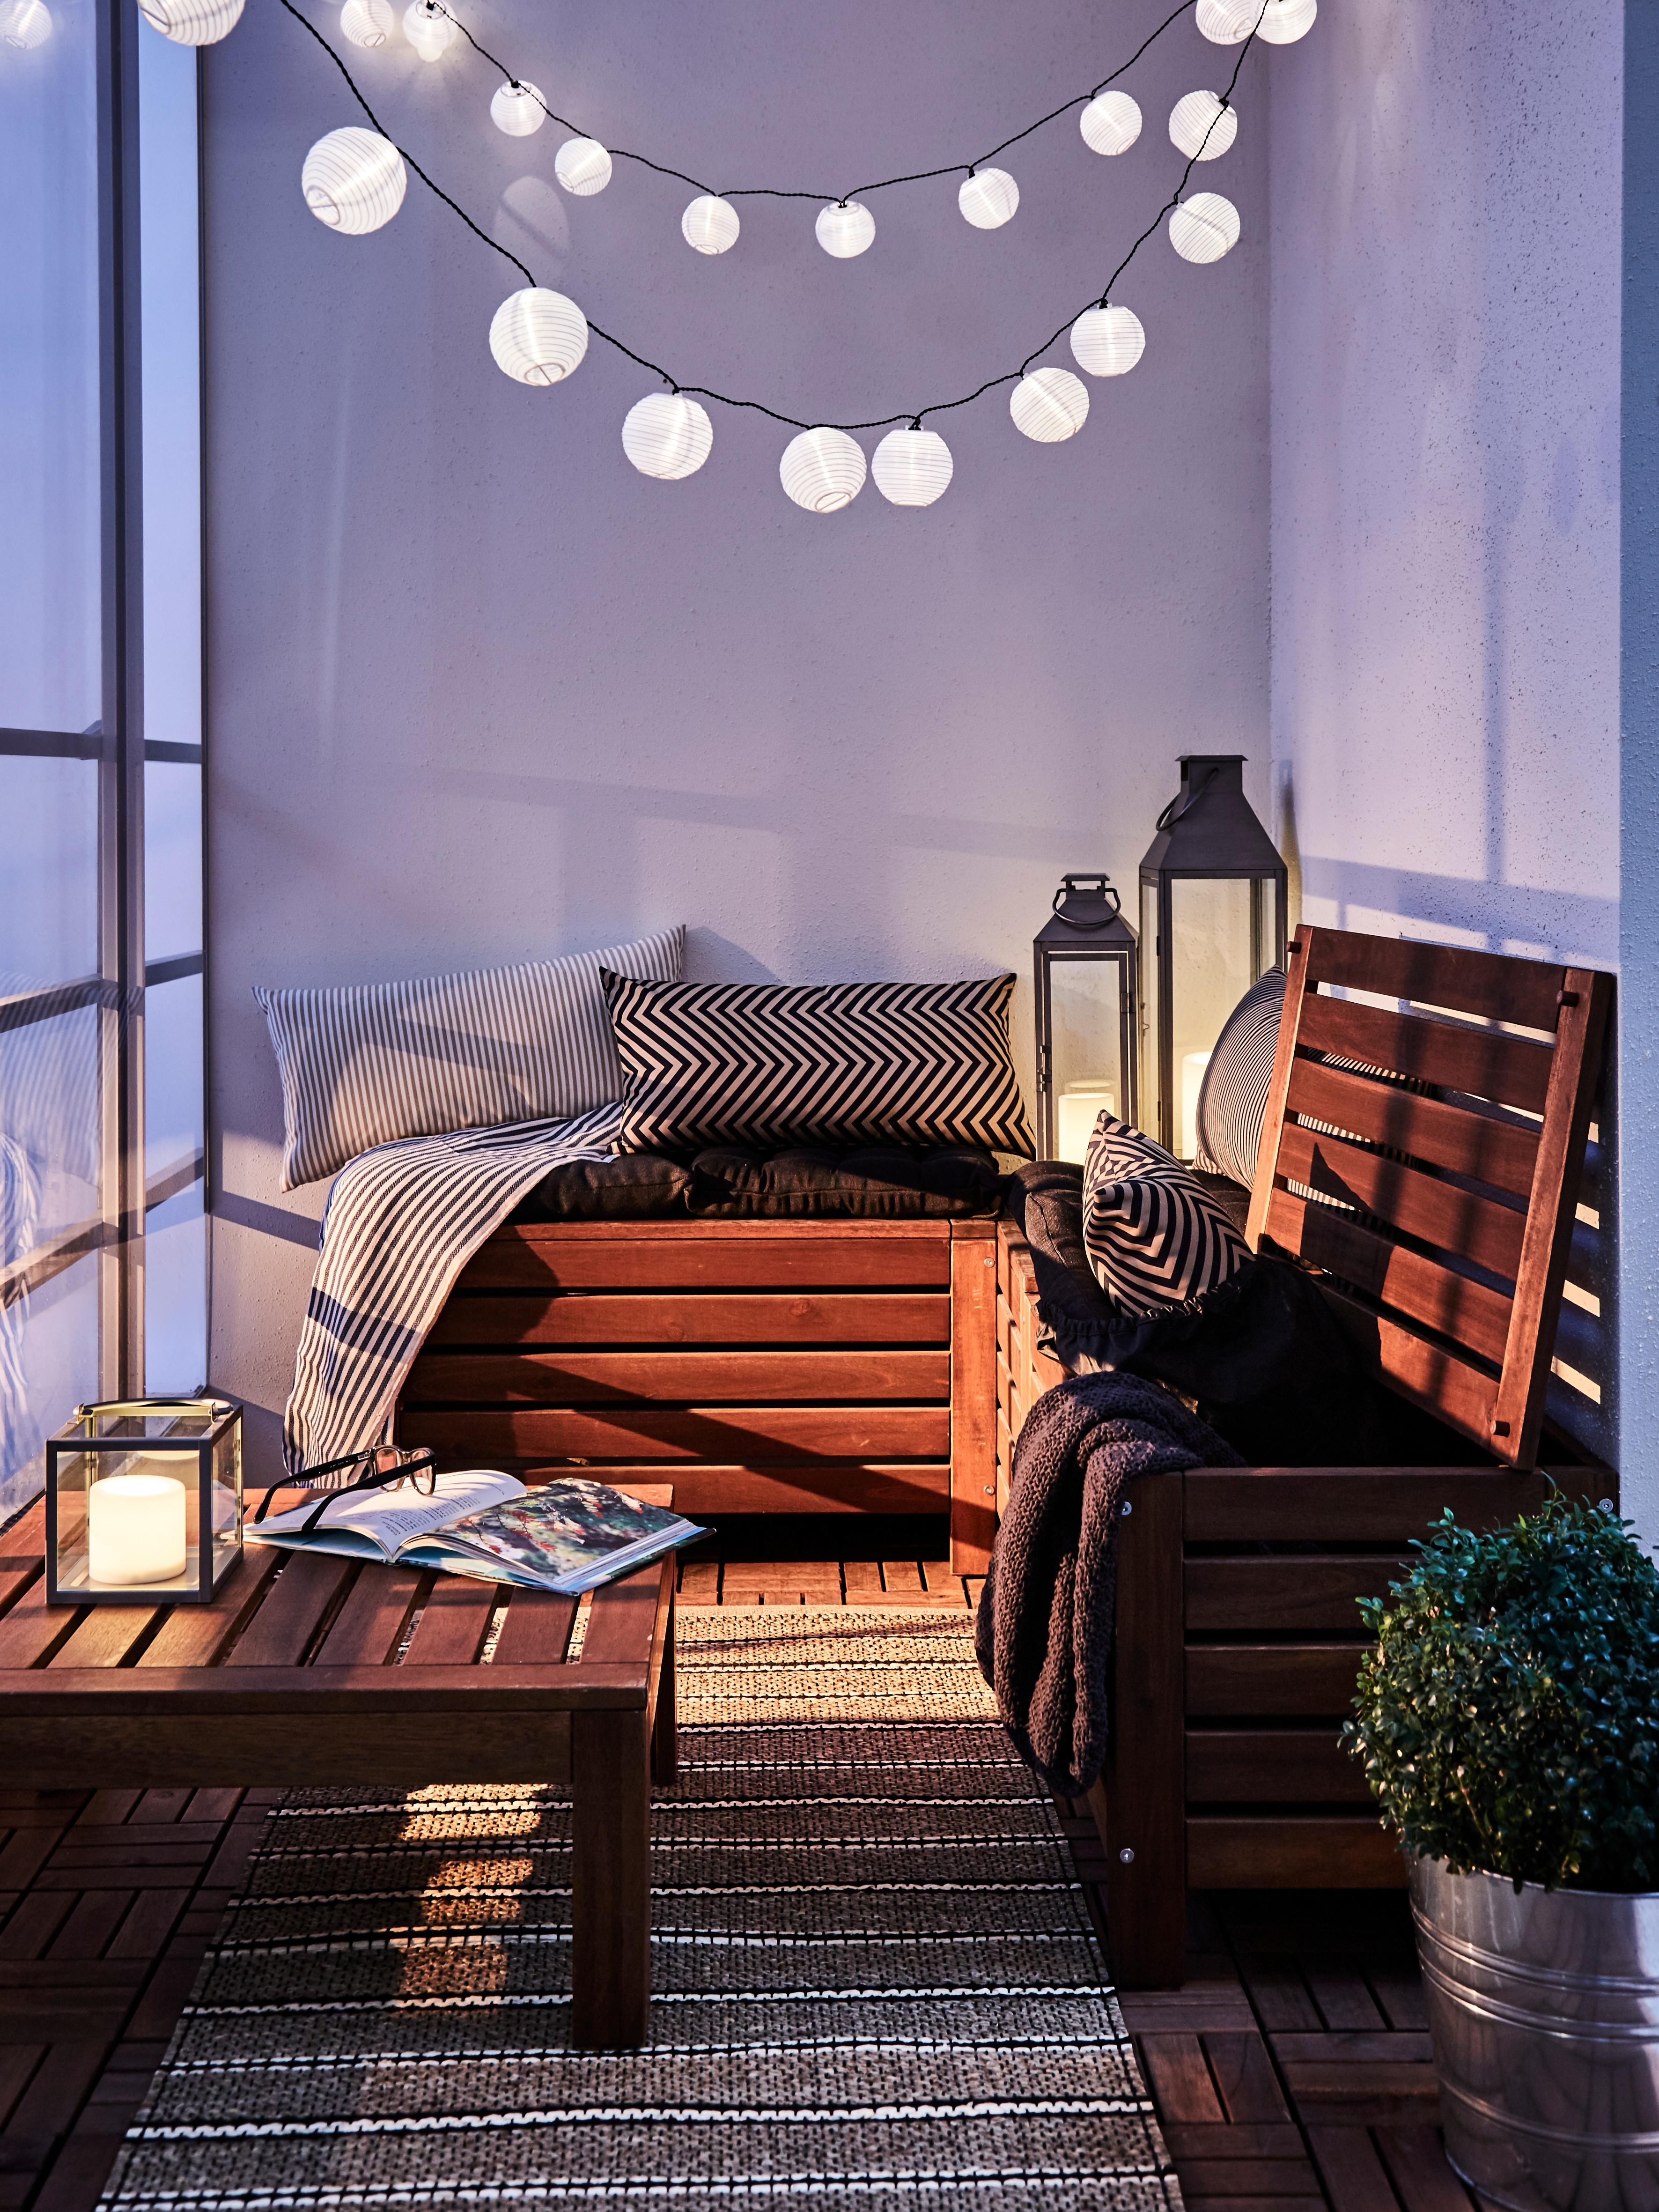 На балконе рядом со столиком из той же коллекции стоят две скамейки с ящиками для хранения ÄPPLARÖ ЭПЛАРО коричневого цвета. На открытой скамейке лежат подушки и пледы.